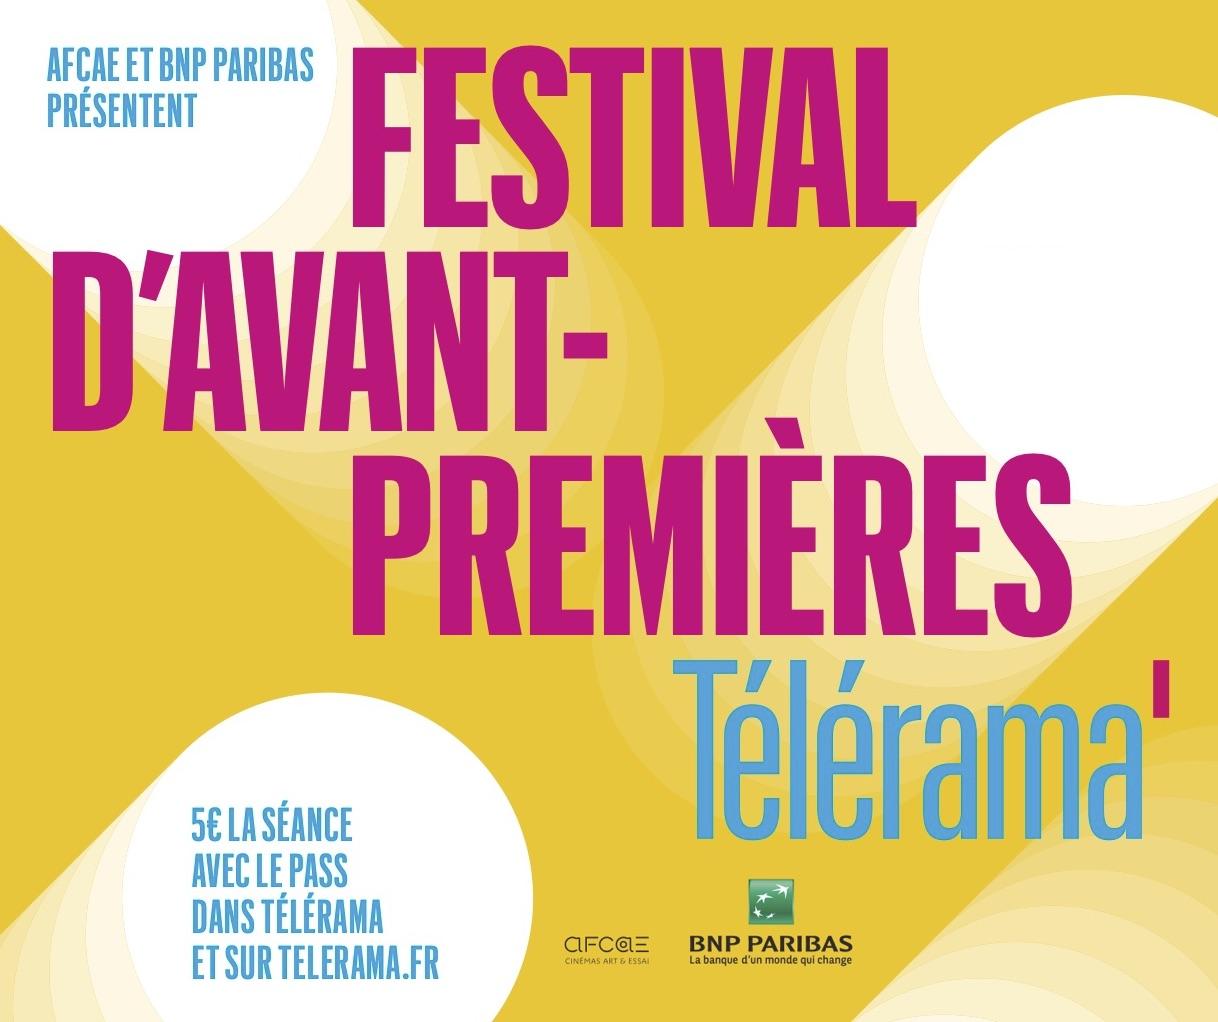 FestivalAvantPremiere PROJET_bd_cut.jpg